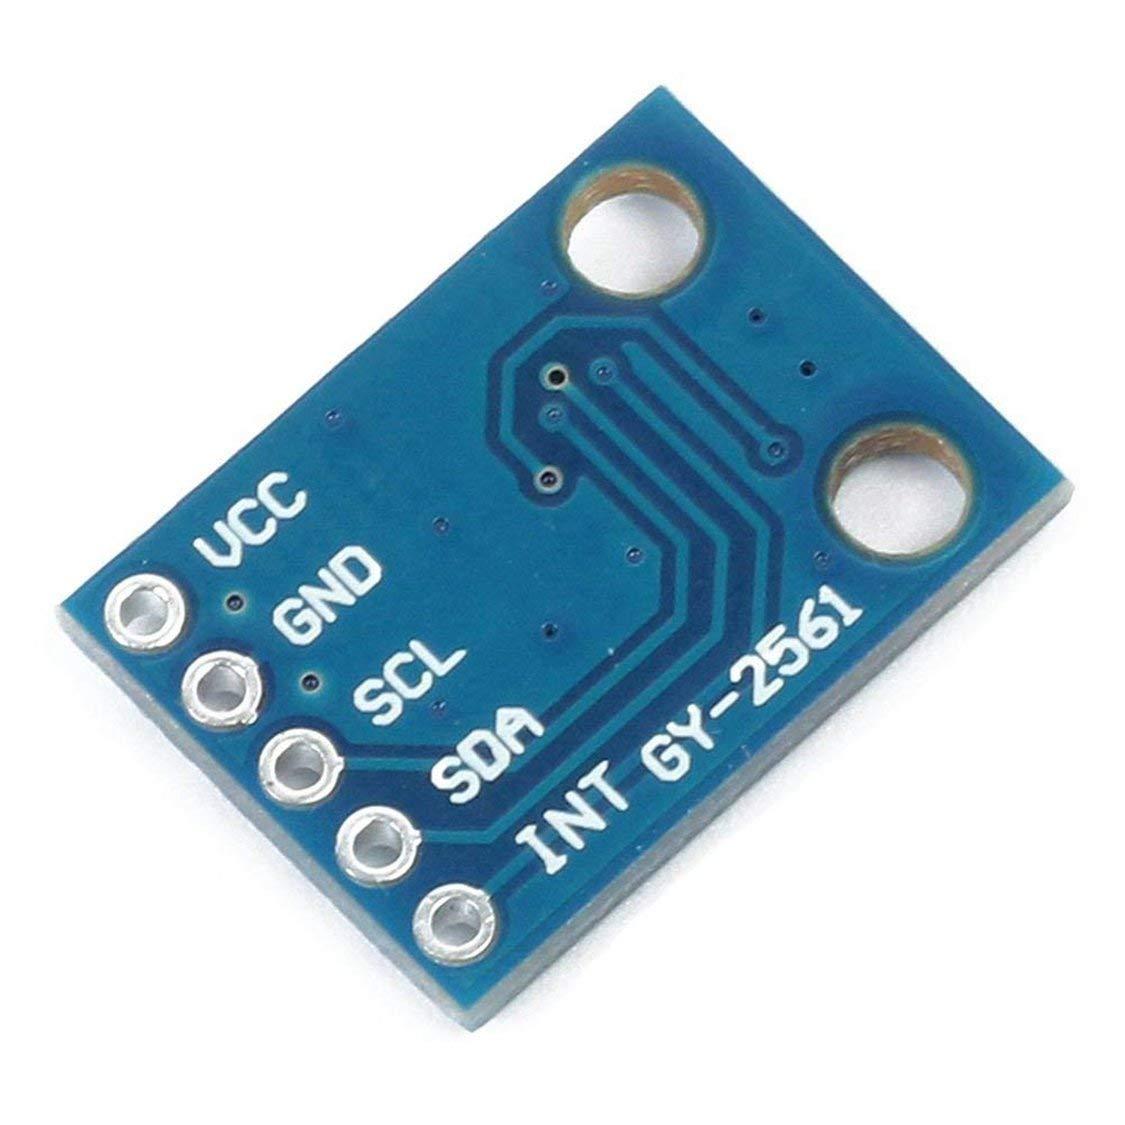 GY-2561 TSL2561 Super Mini sensore di luce visibile a infrarossi Modulo di integrazione Ambient Simulate Flux Arduino strumento elettronico fai da te Blu